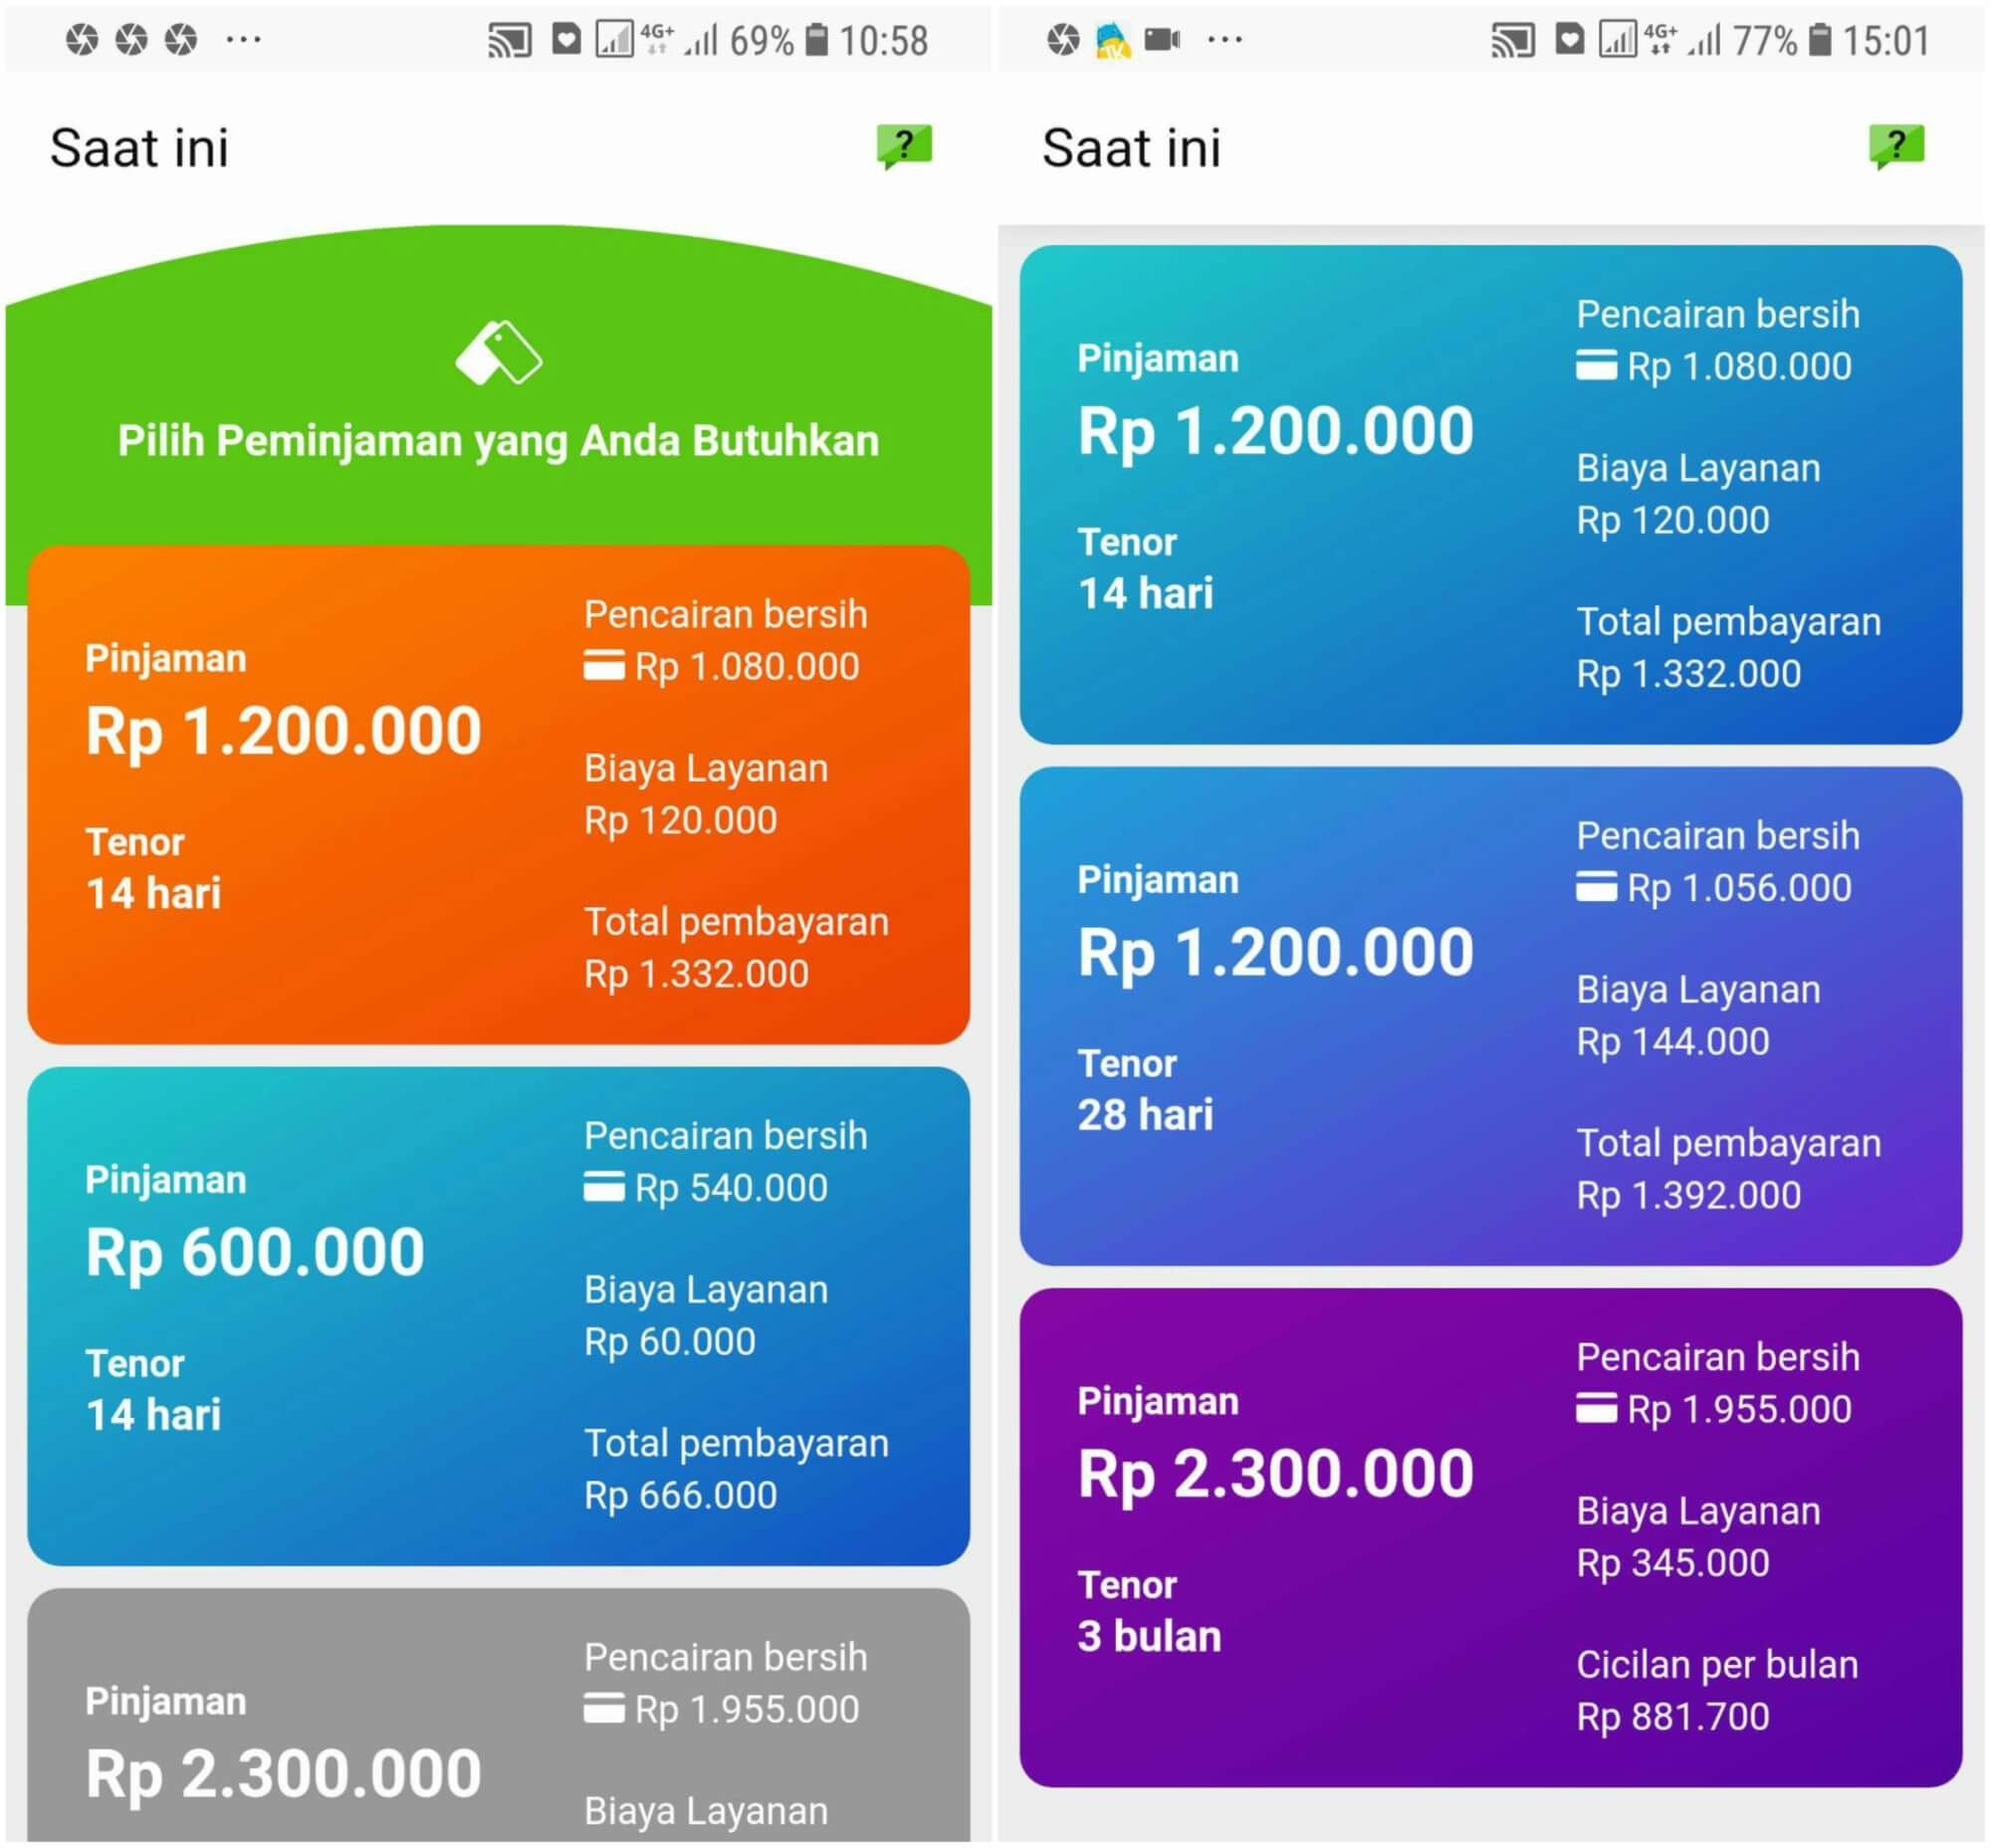 Kumpulan Pengalaman Tidak Membayar Pinjaman Online Sanksi Solusi